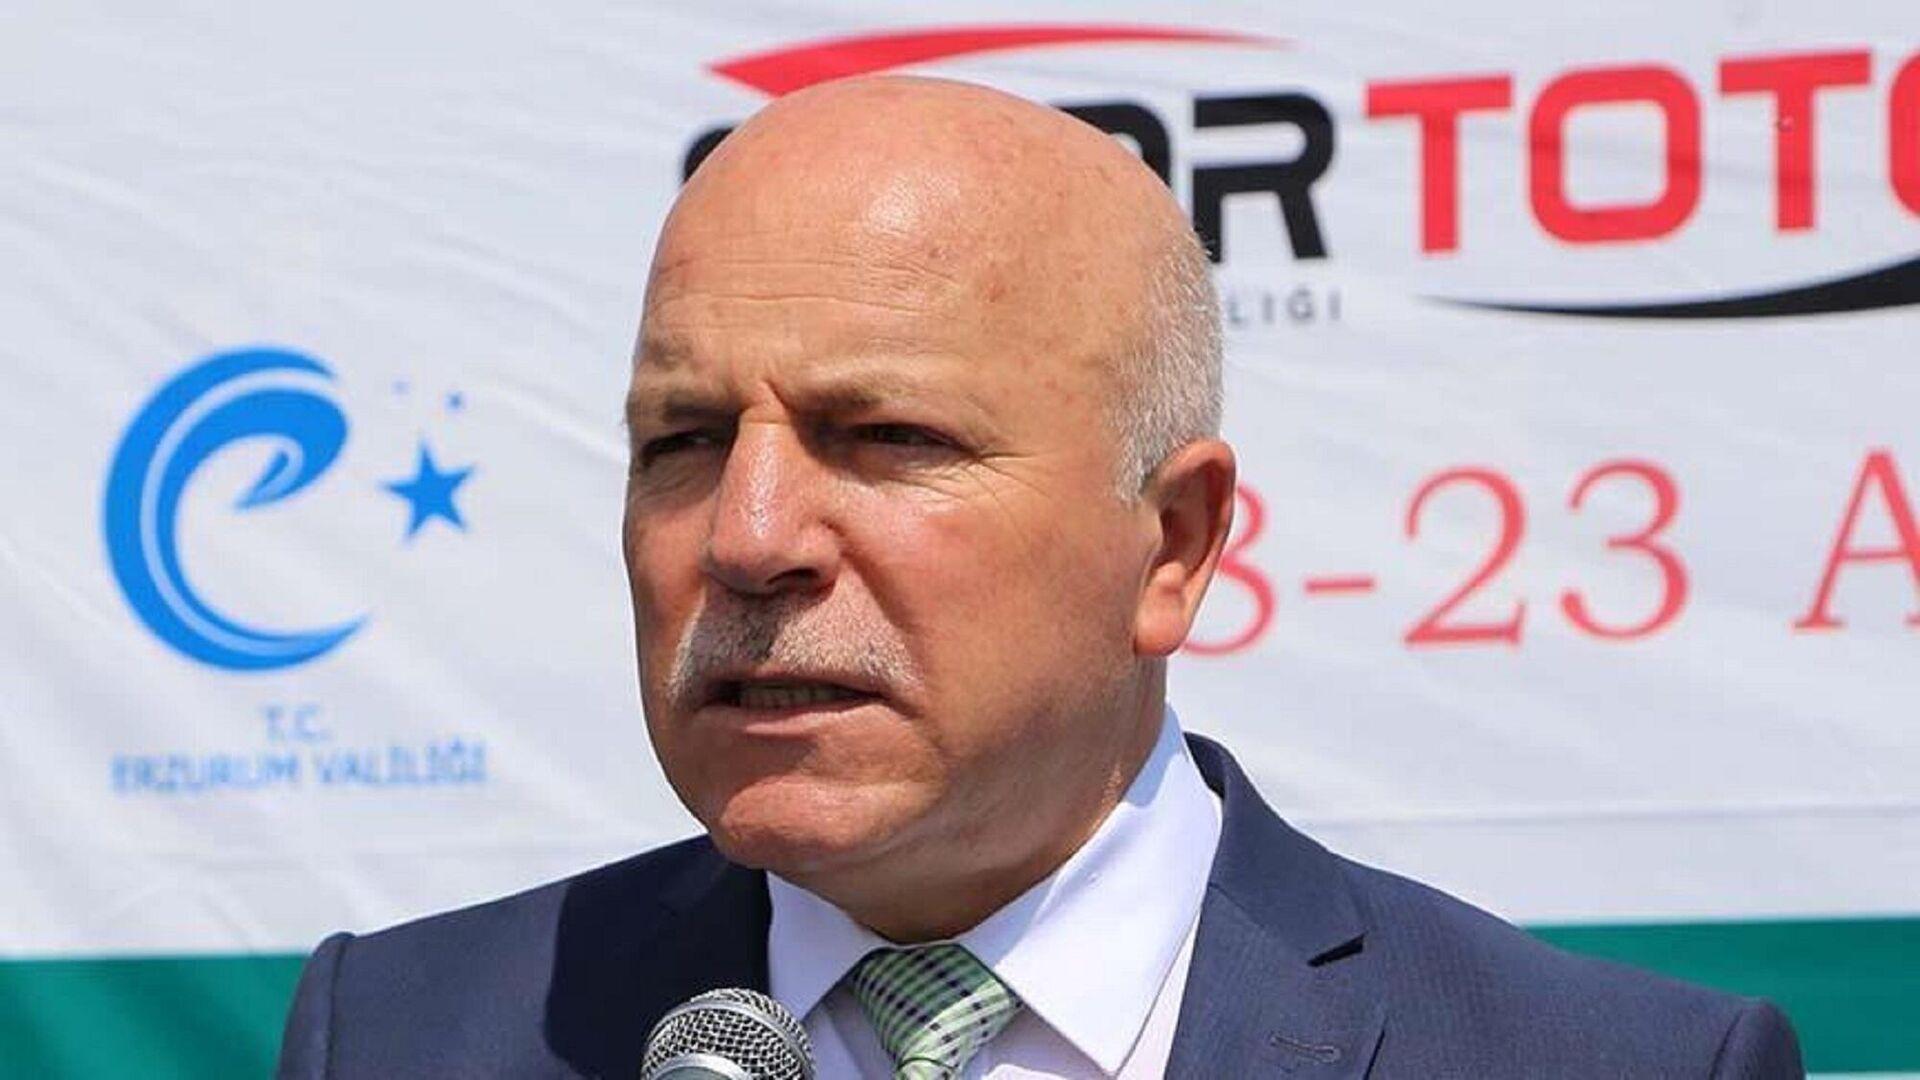 Erzurum Büyükşehir Belediye Başkanı ve Erzurumspor'un onursal başkanı Mehmet Sekmen, - Sputnik Türkiye, 1920, 13.09.2021